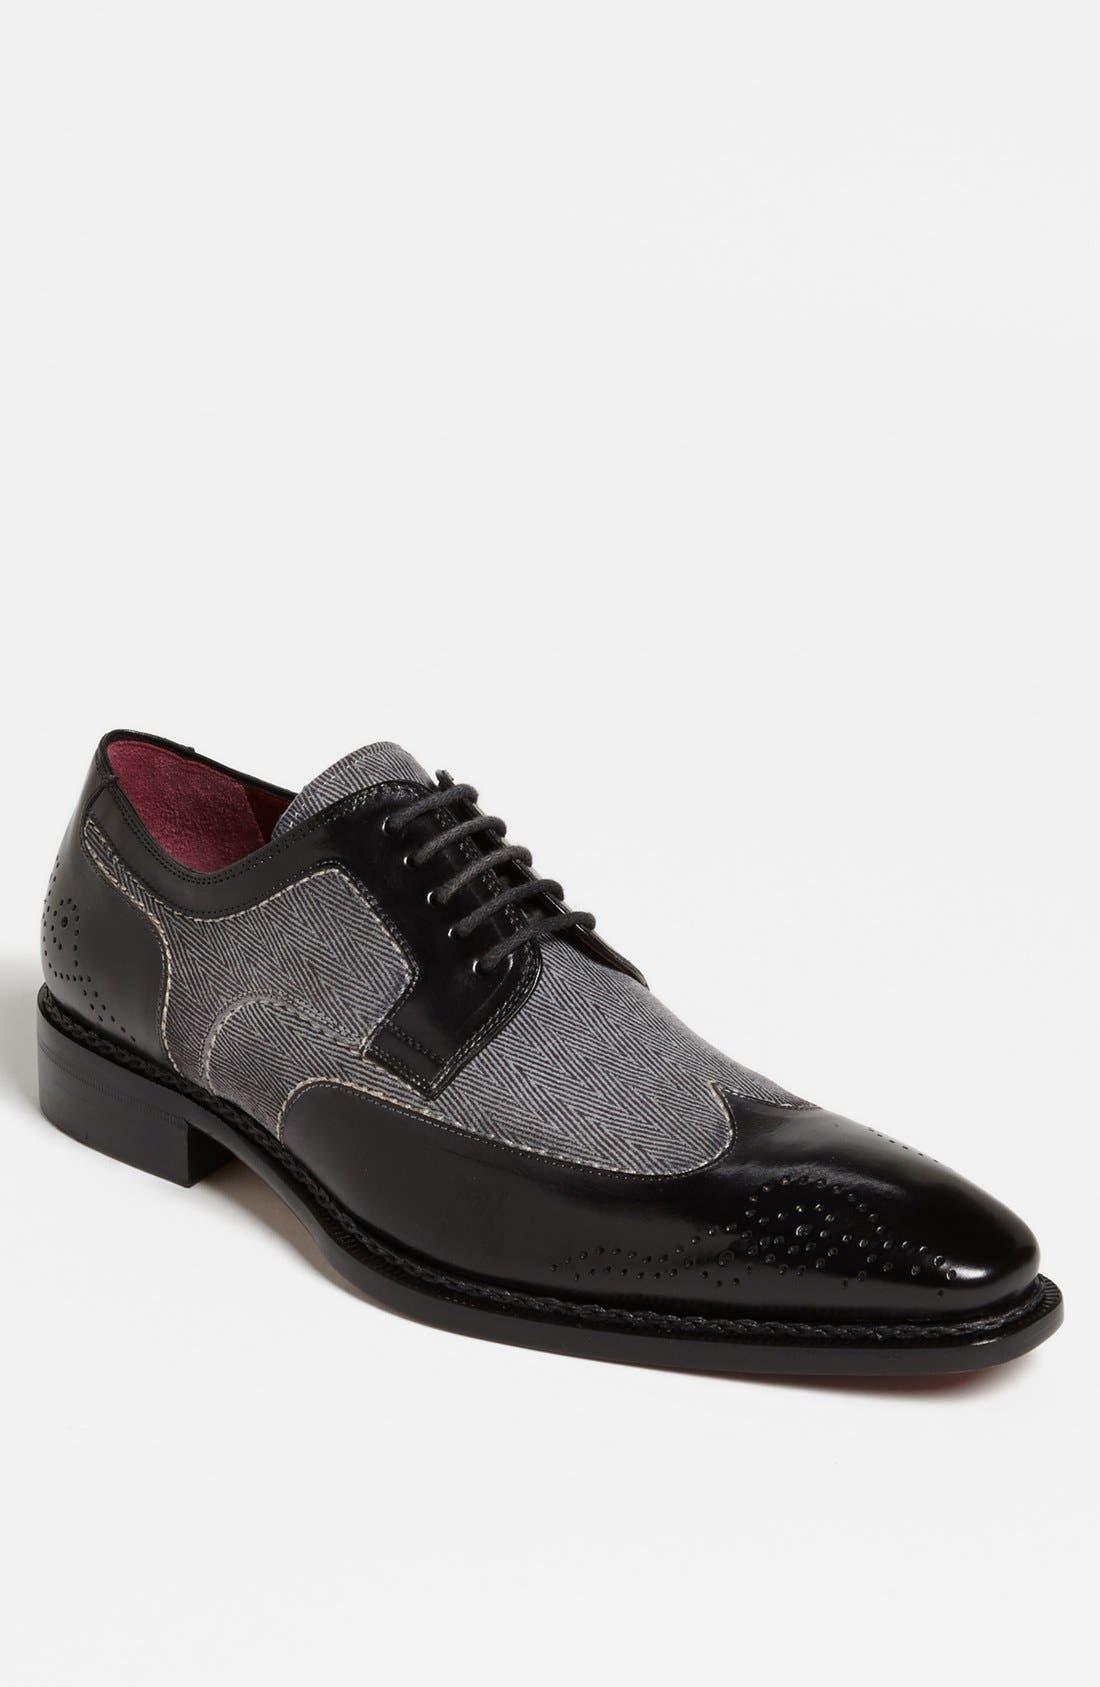 Main Image - Mezlan 'Remo' Spectator Shoe